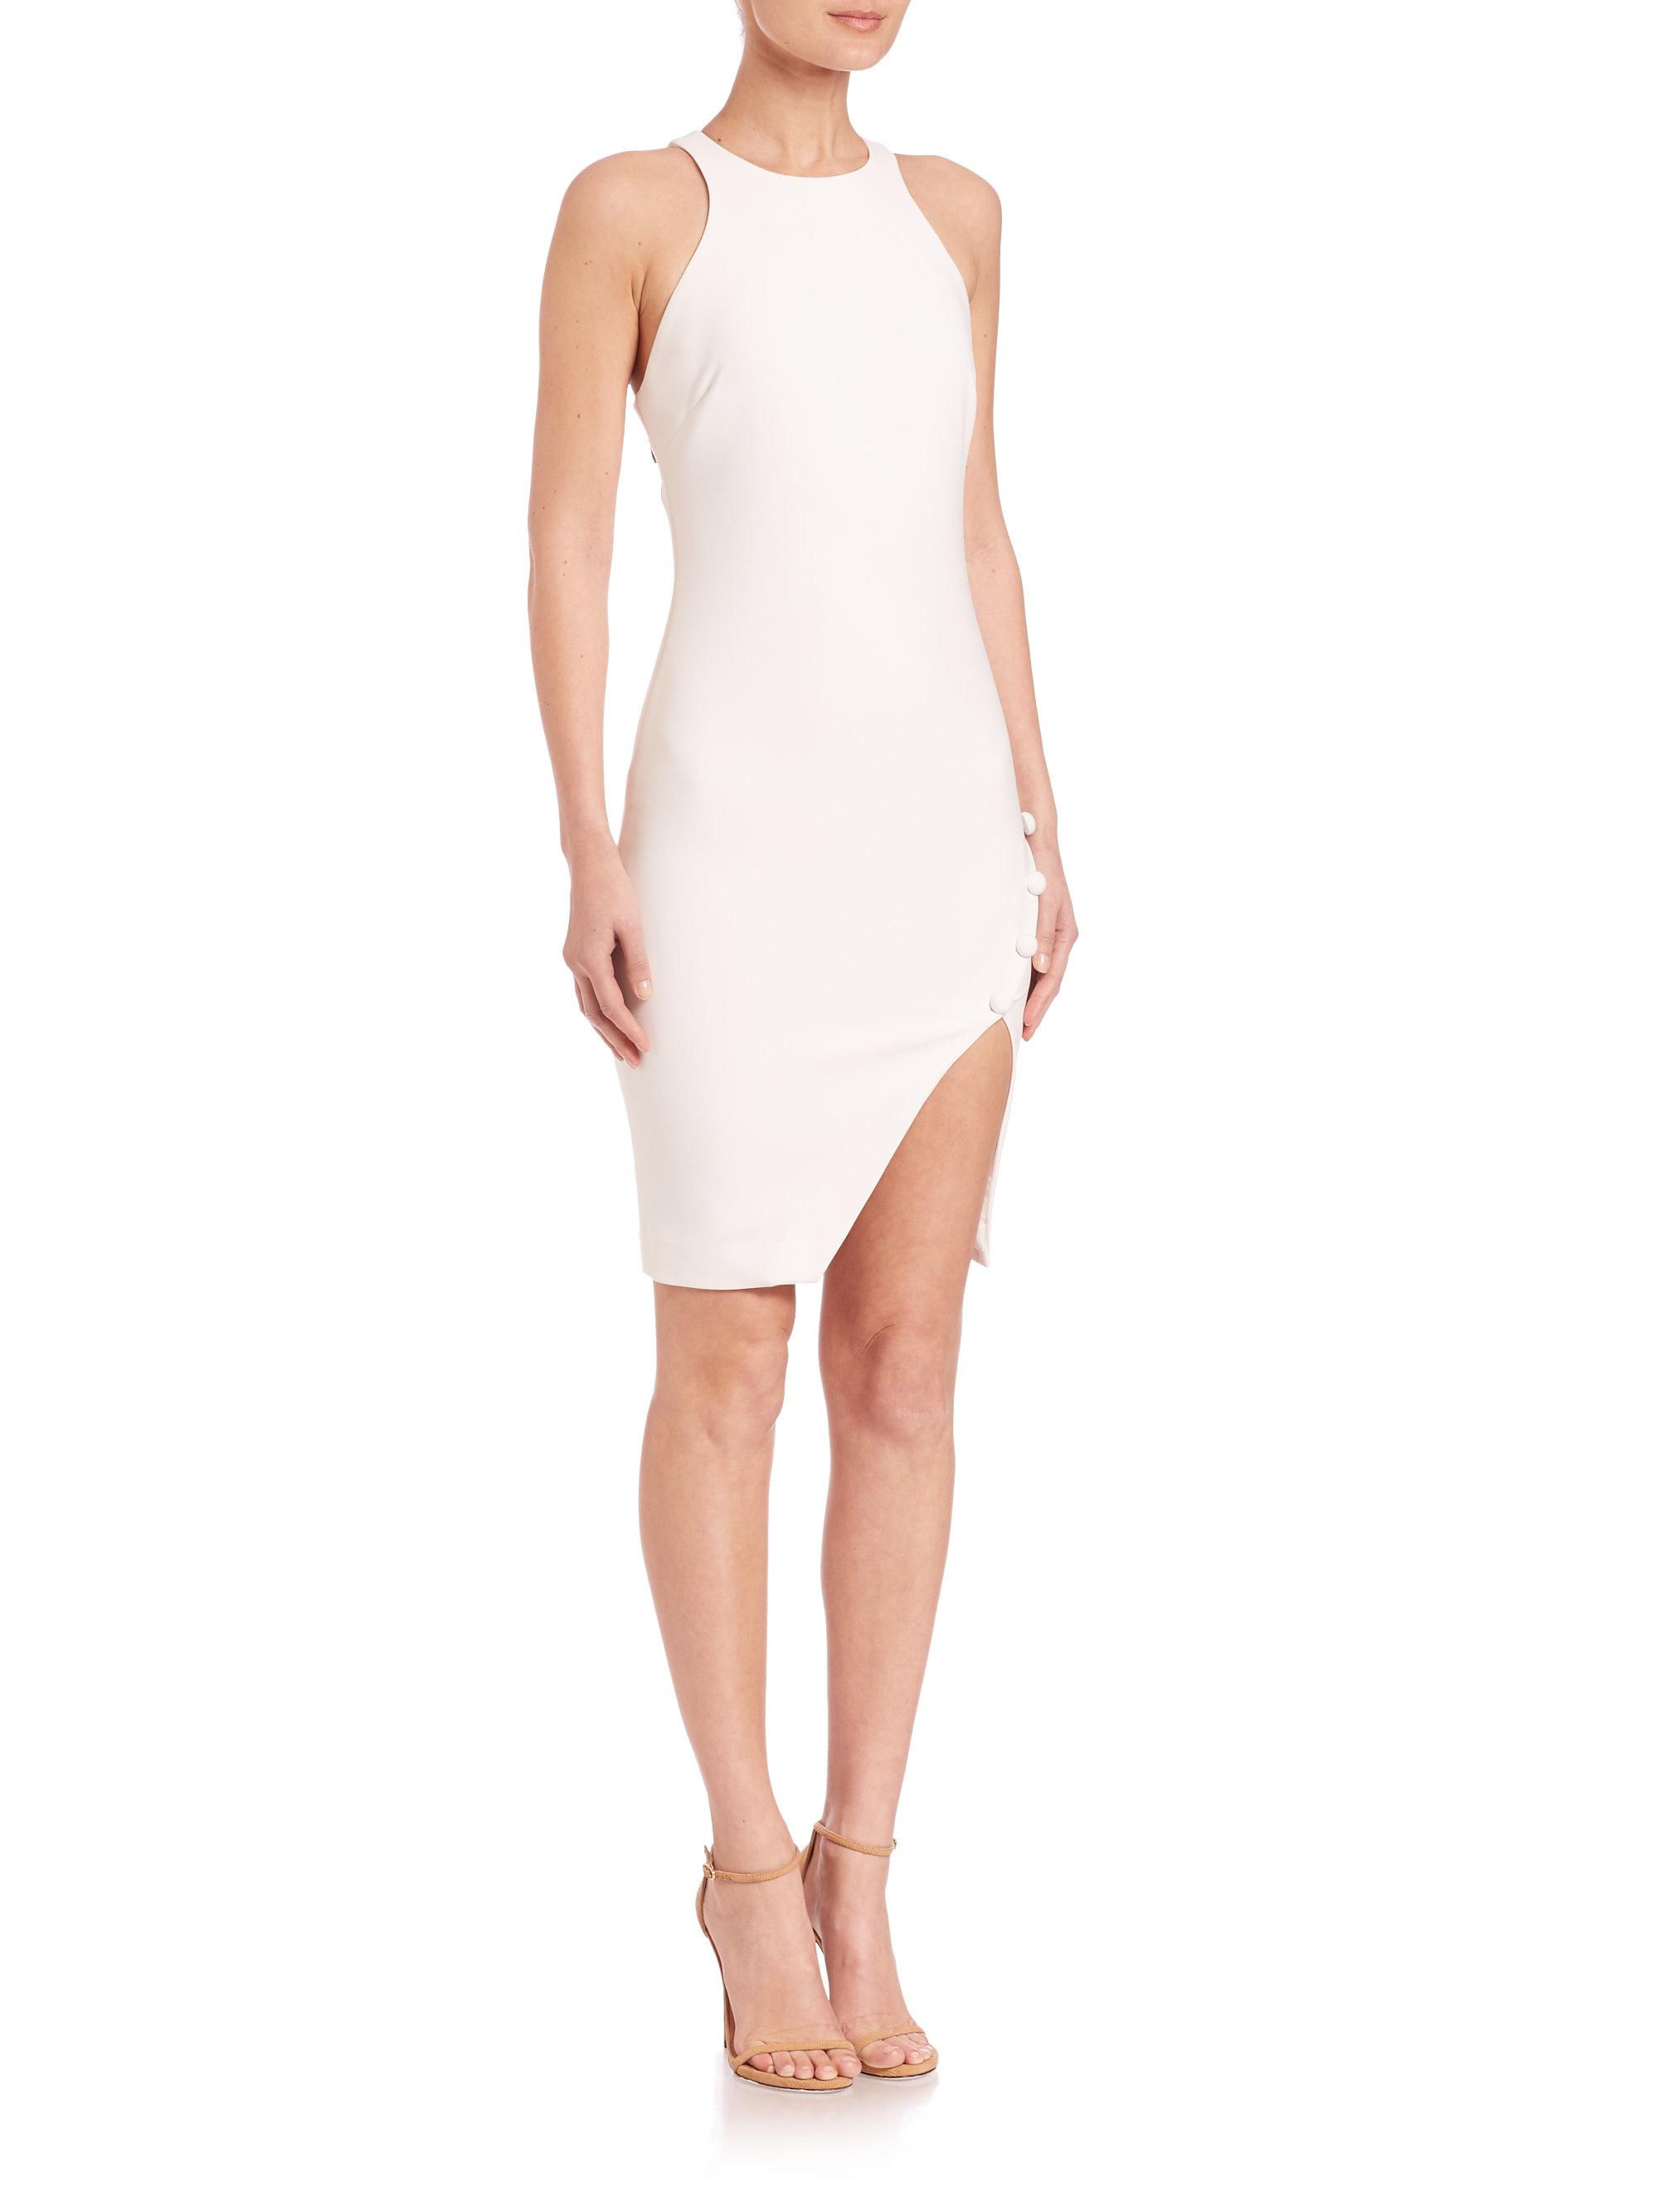 lyst elizabeth and james sophia dress in white. Black Bedroom Furniture Sets. Home Design Ideas